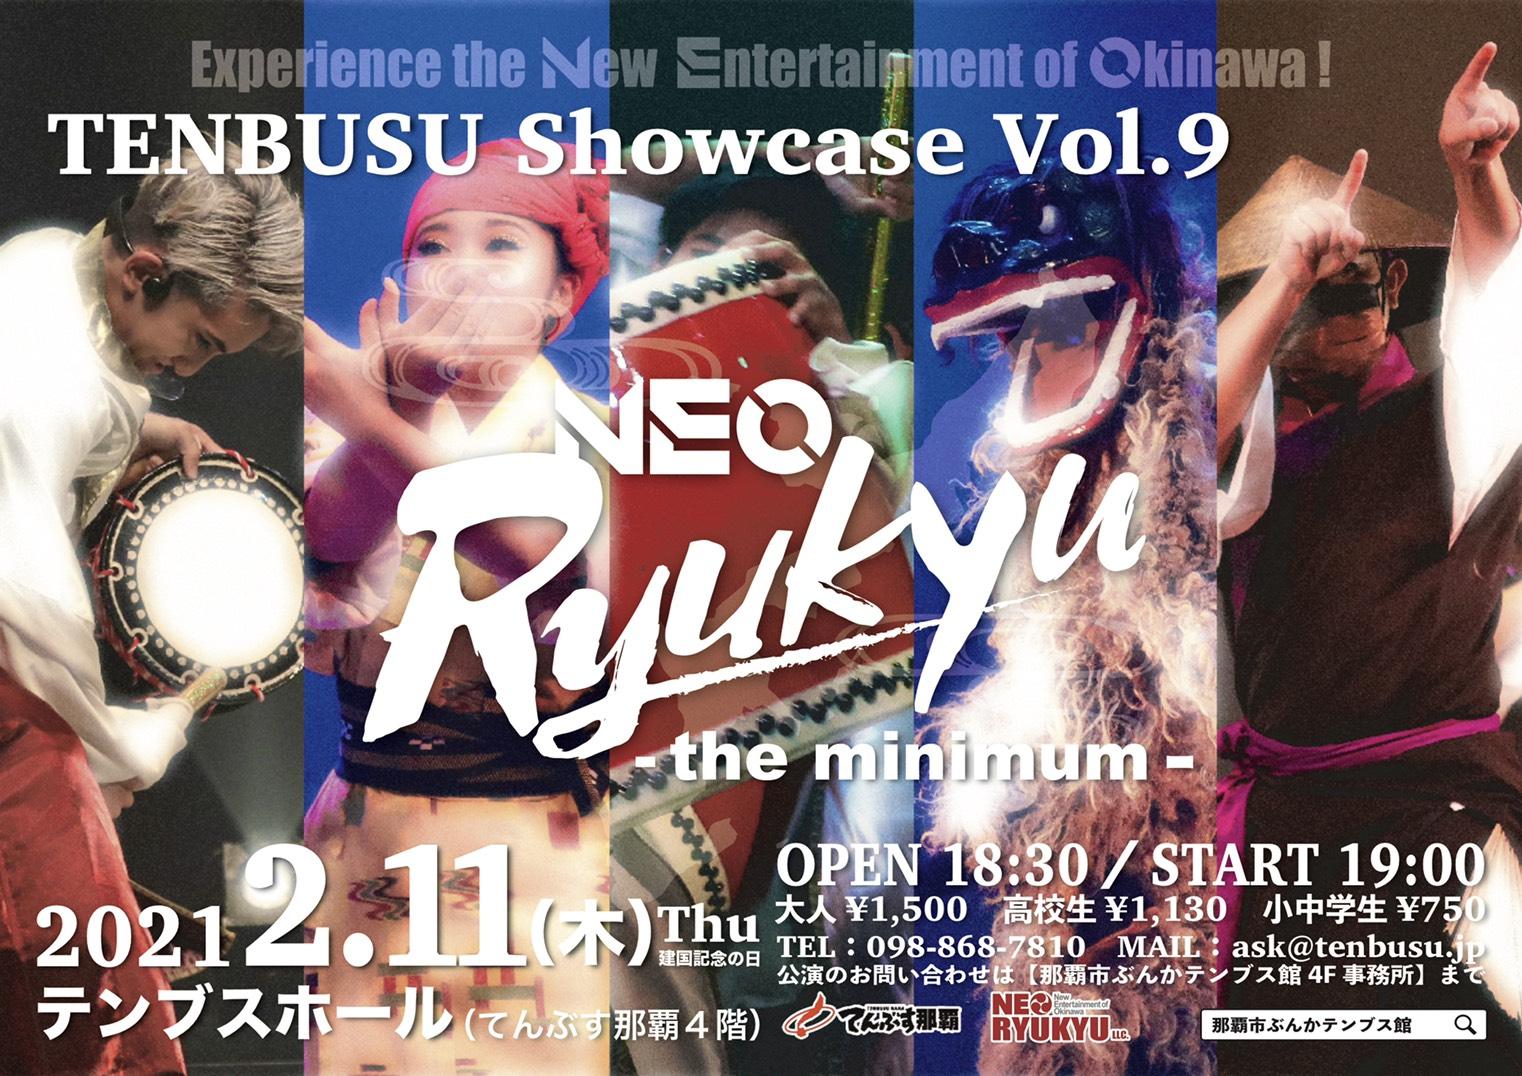 2021年2月11日(木)「TENBUSU Showcase Vol.9」に出演します!